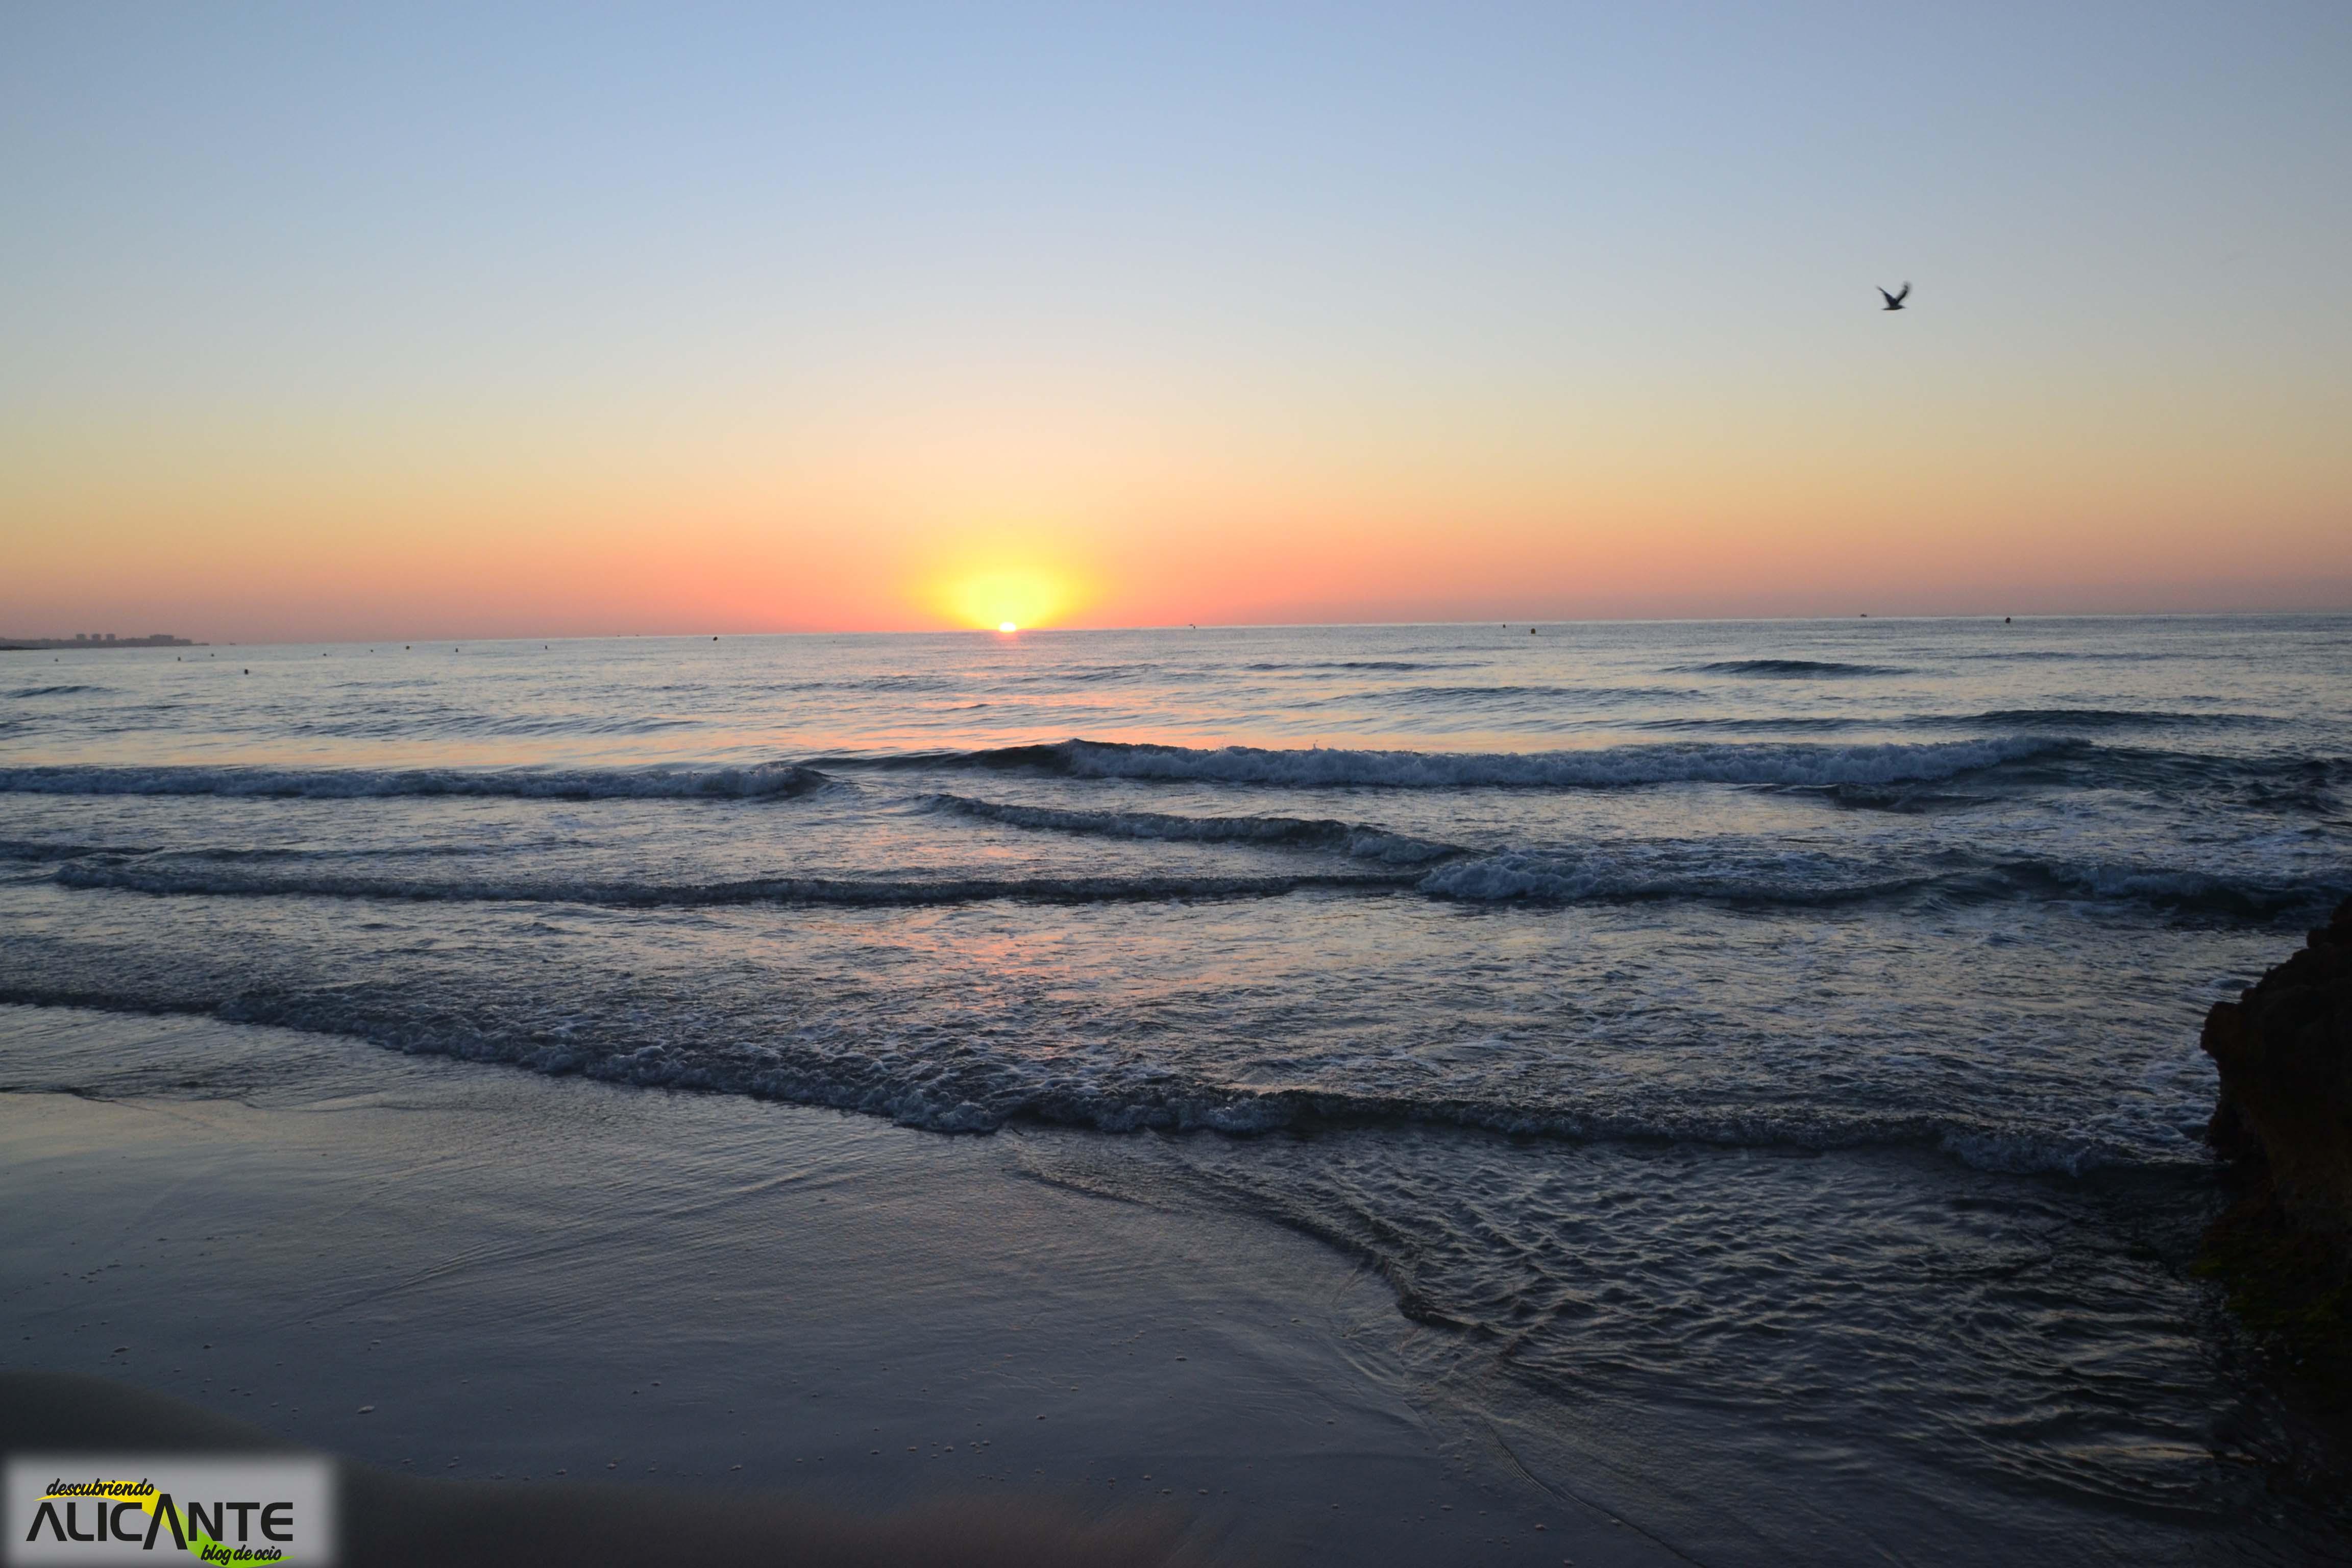 amanecer-la-zenia-orihuela-alicante-0241